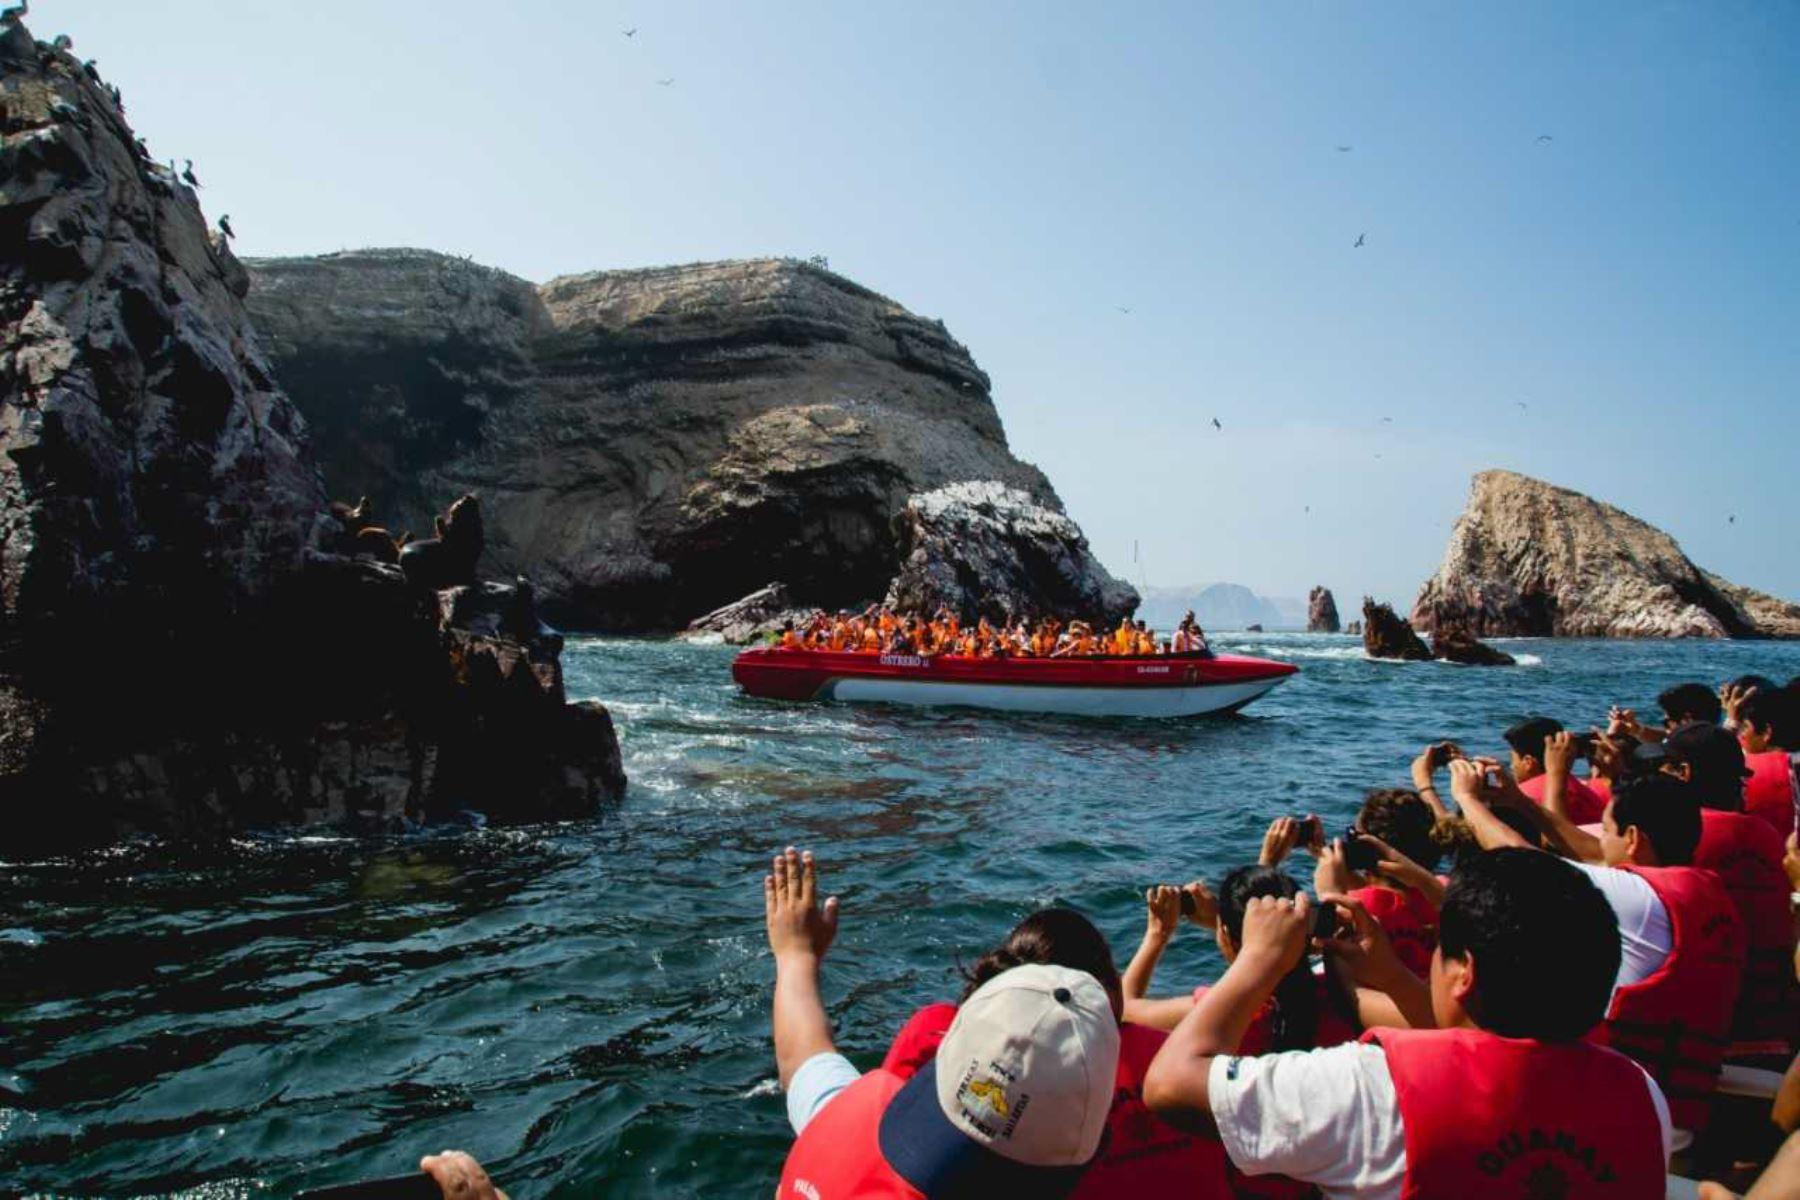 El fin de semana largo por Fiestas Patrias brinda la ocasión de visitar o retornar a la Reserva Nacional de Paracas, una de las áreas naturales protegidas que permite apreciar la enorme belleza paisajística y singular biodiversidad que existe en el ámbito marino y costero de la región Ica. ANDINA/Difusión